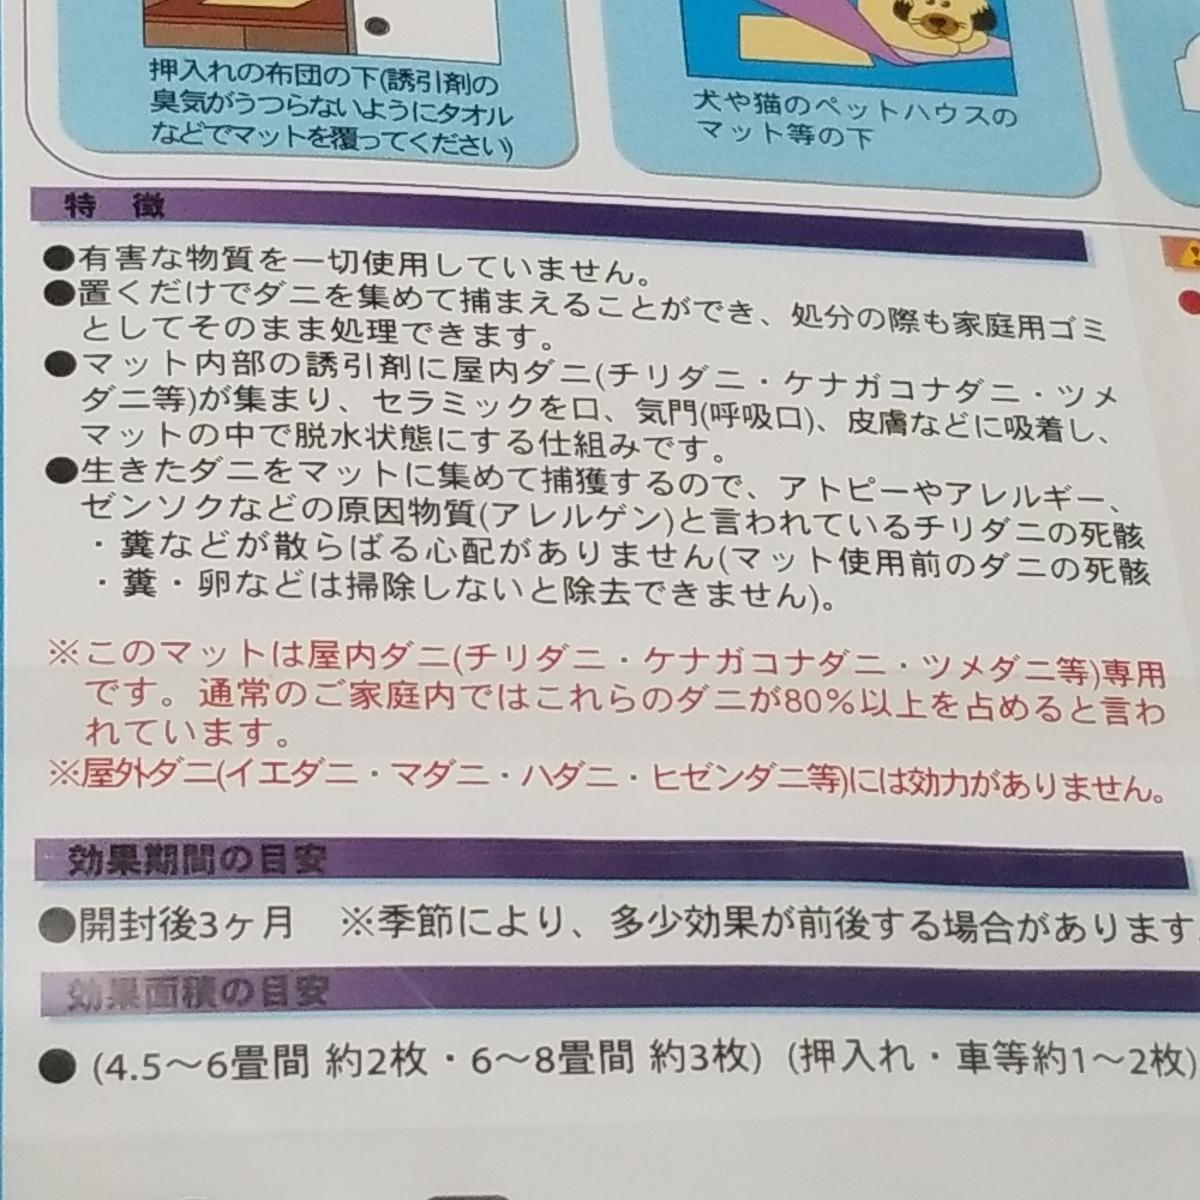 【新品】日革研究所 ニッケン ダニ捕りマット A4サイズ 3枚セット 送料無料!_画像6